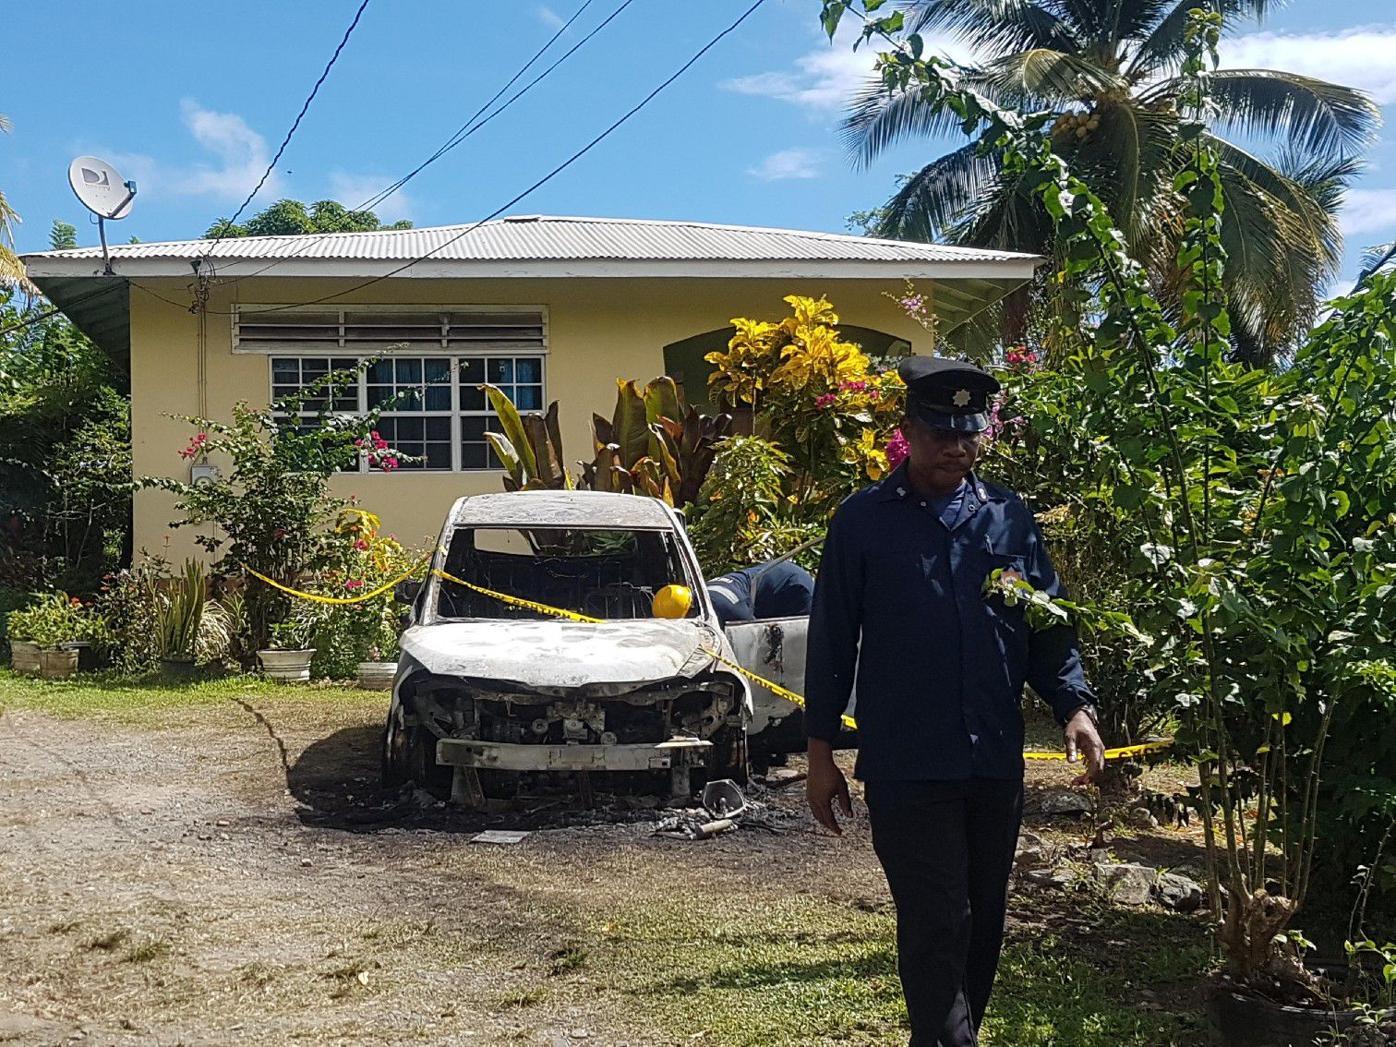 Tobago arson